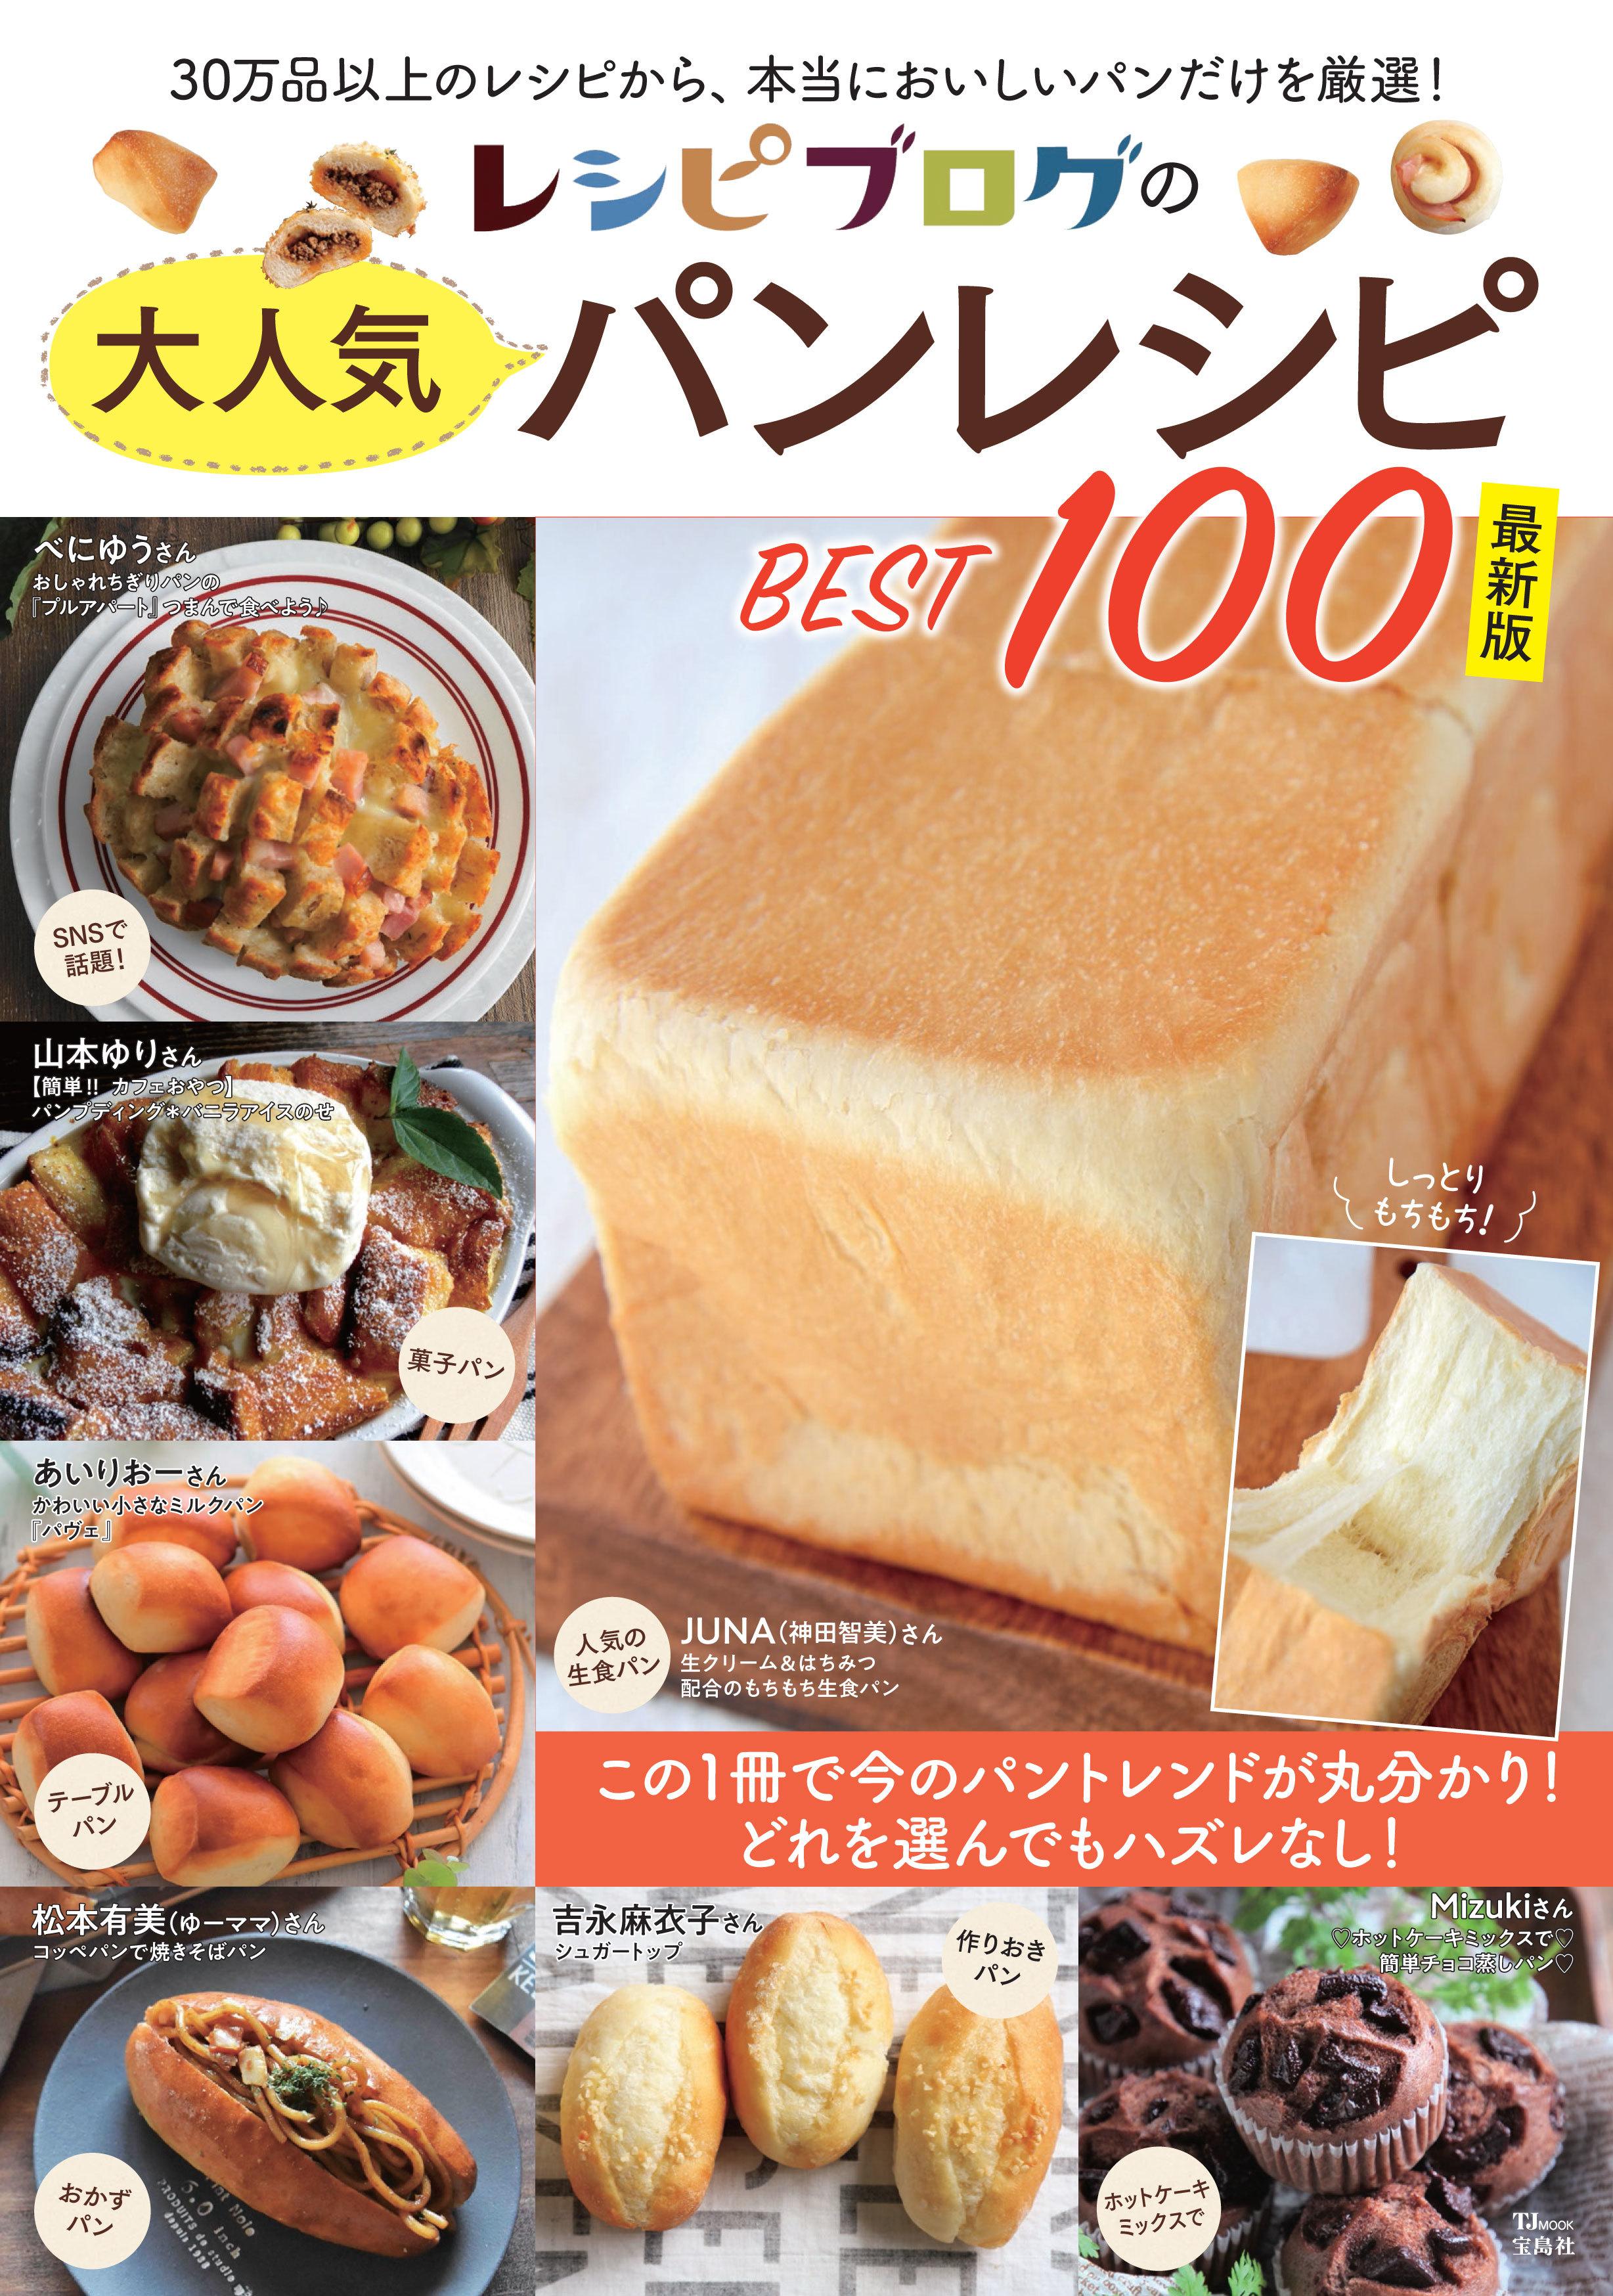 パン レシピ 美味しい